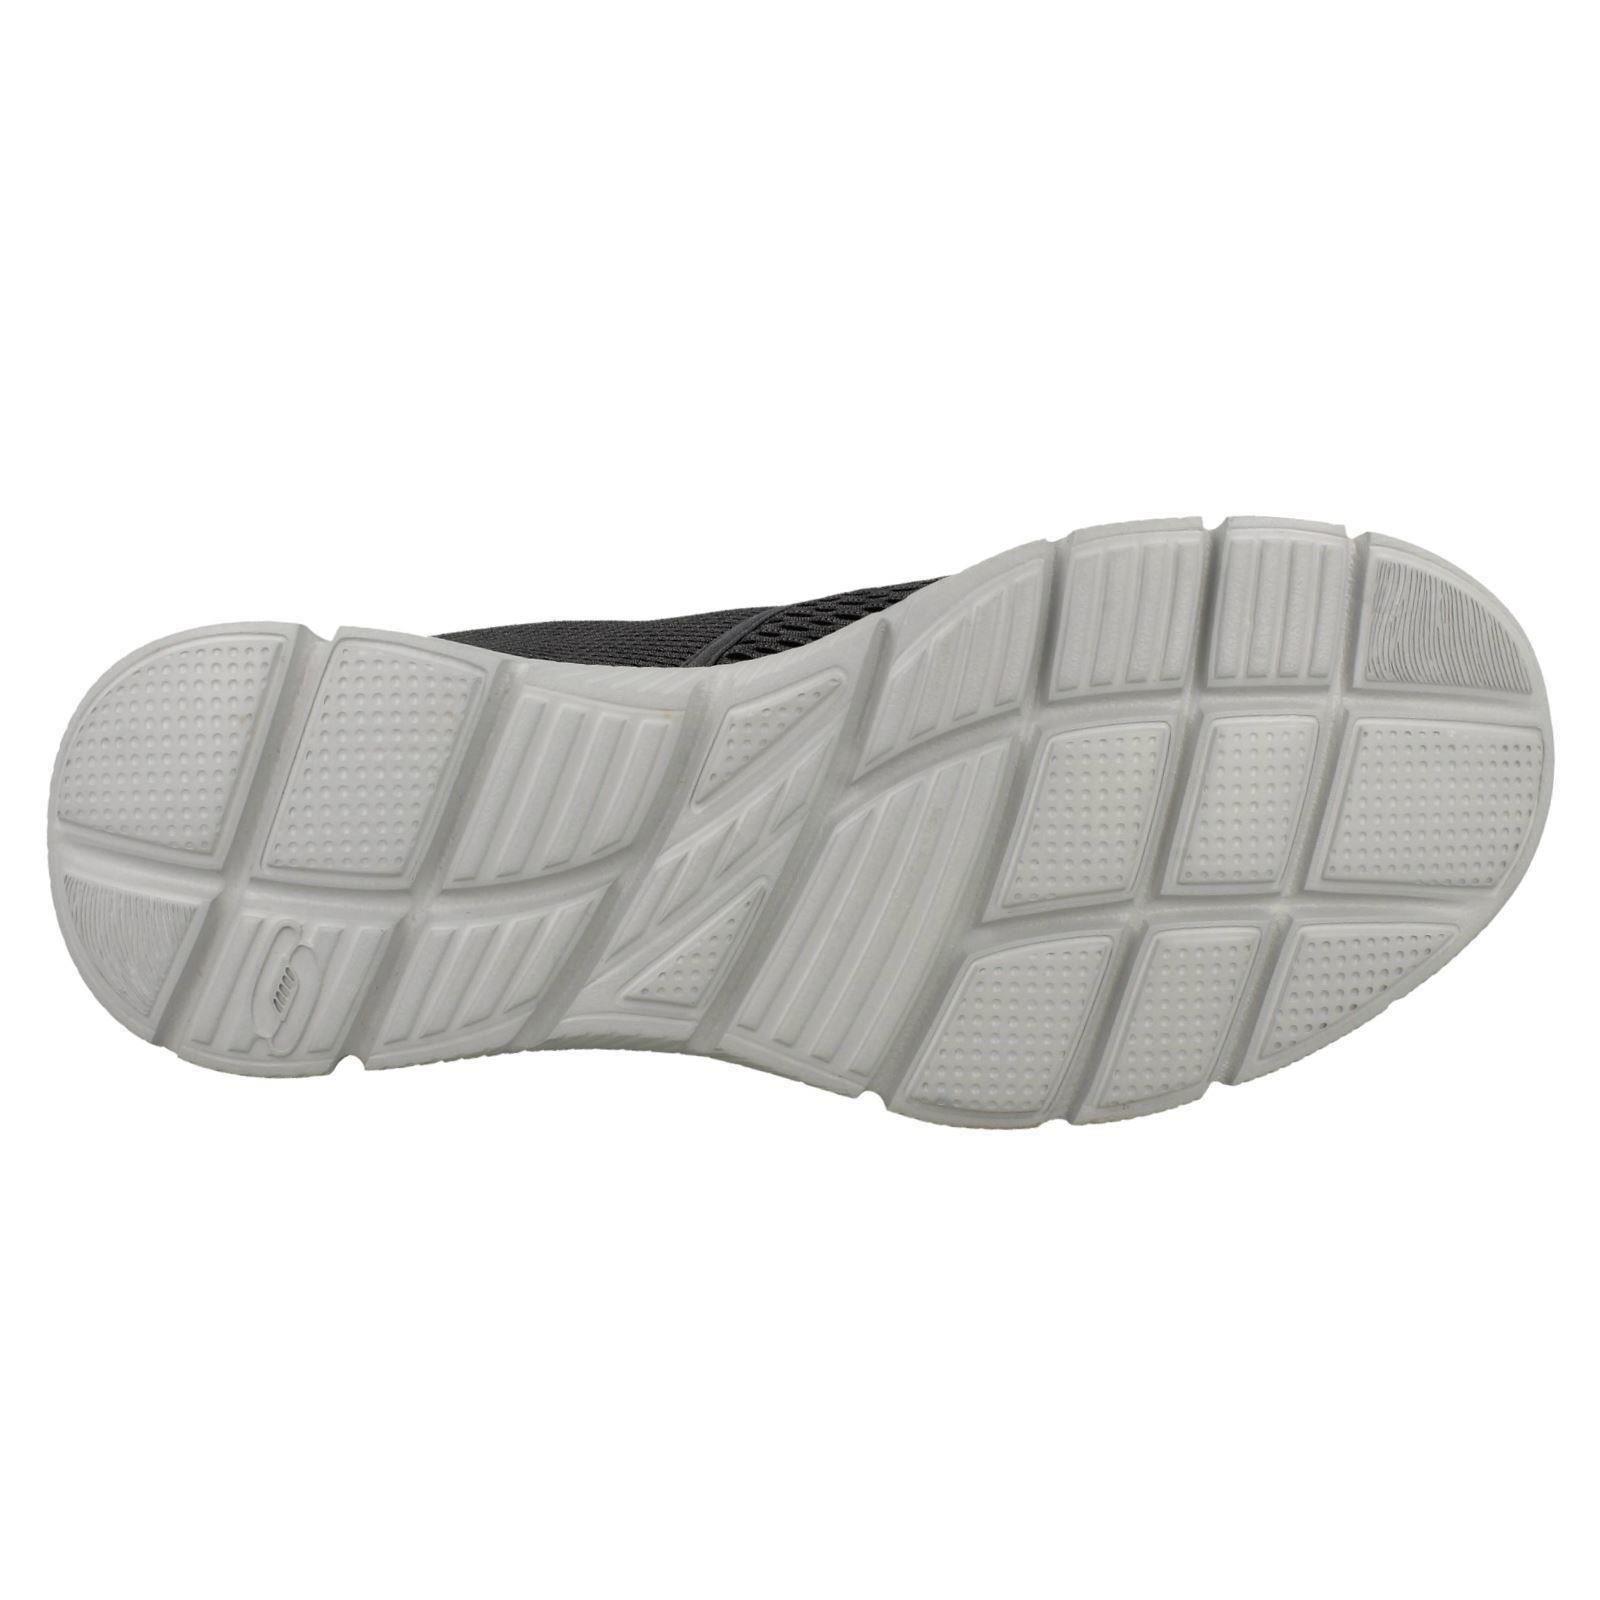 Uomo Skechers Memory Foam Foam Foam Schuhes Label Equalizer Double Play 51509 6d363a